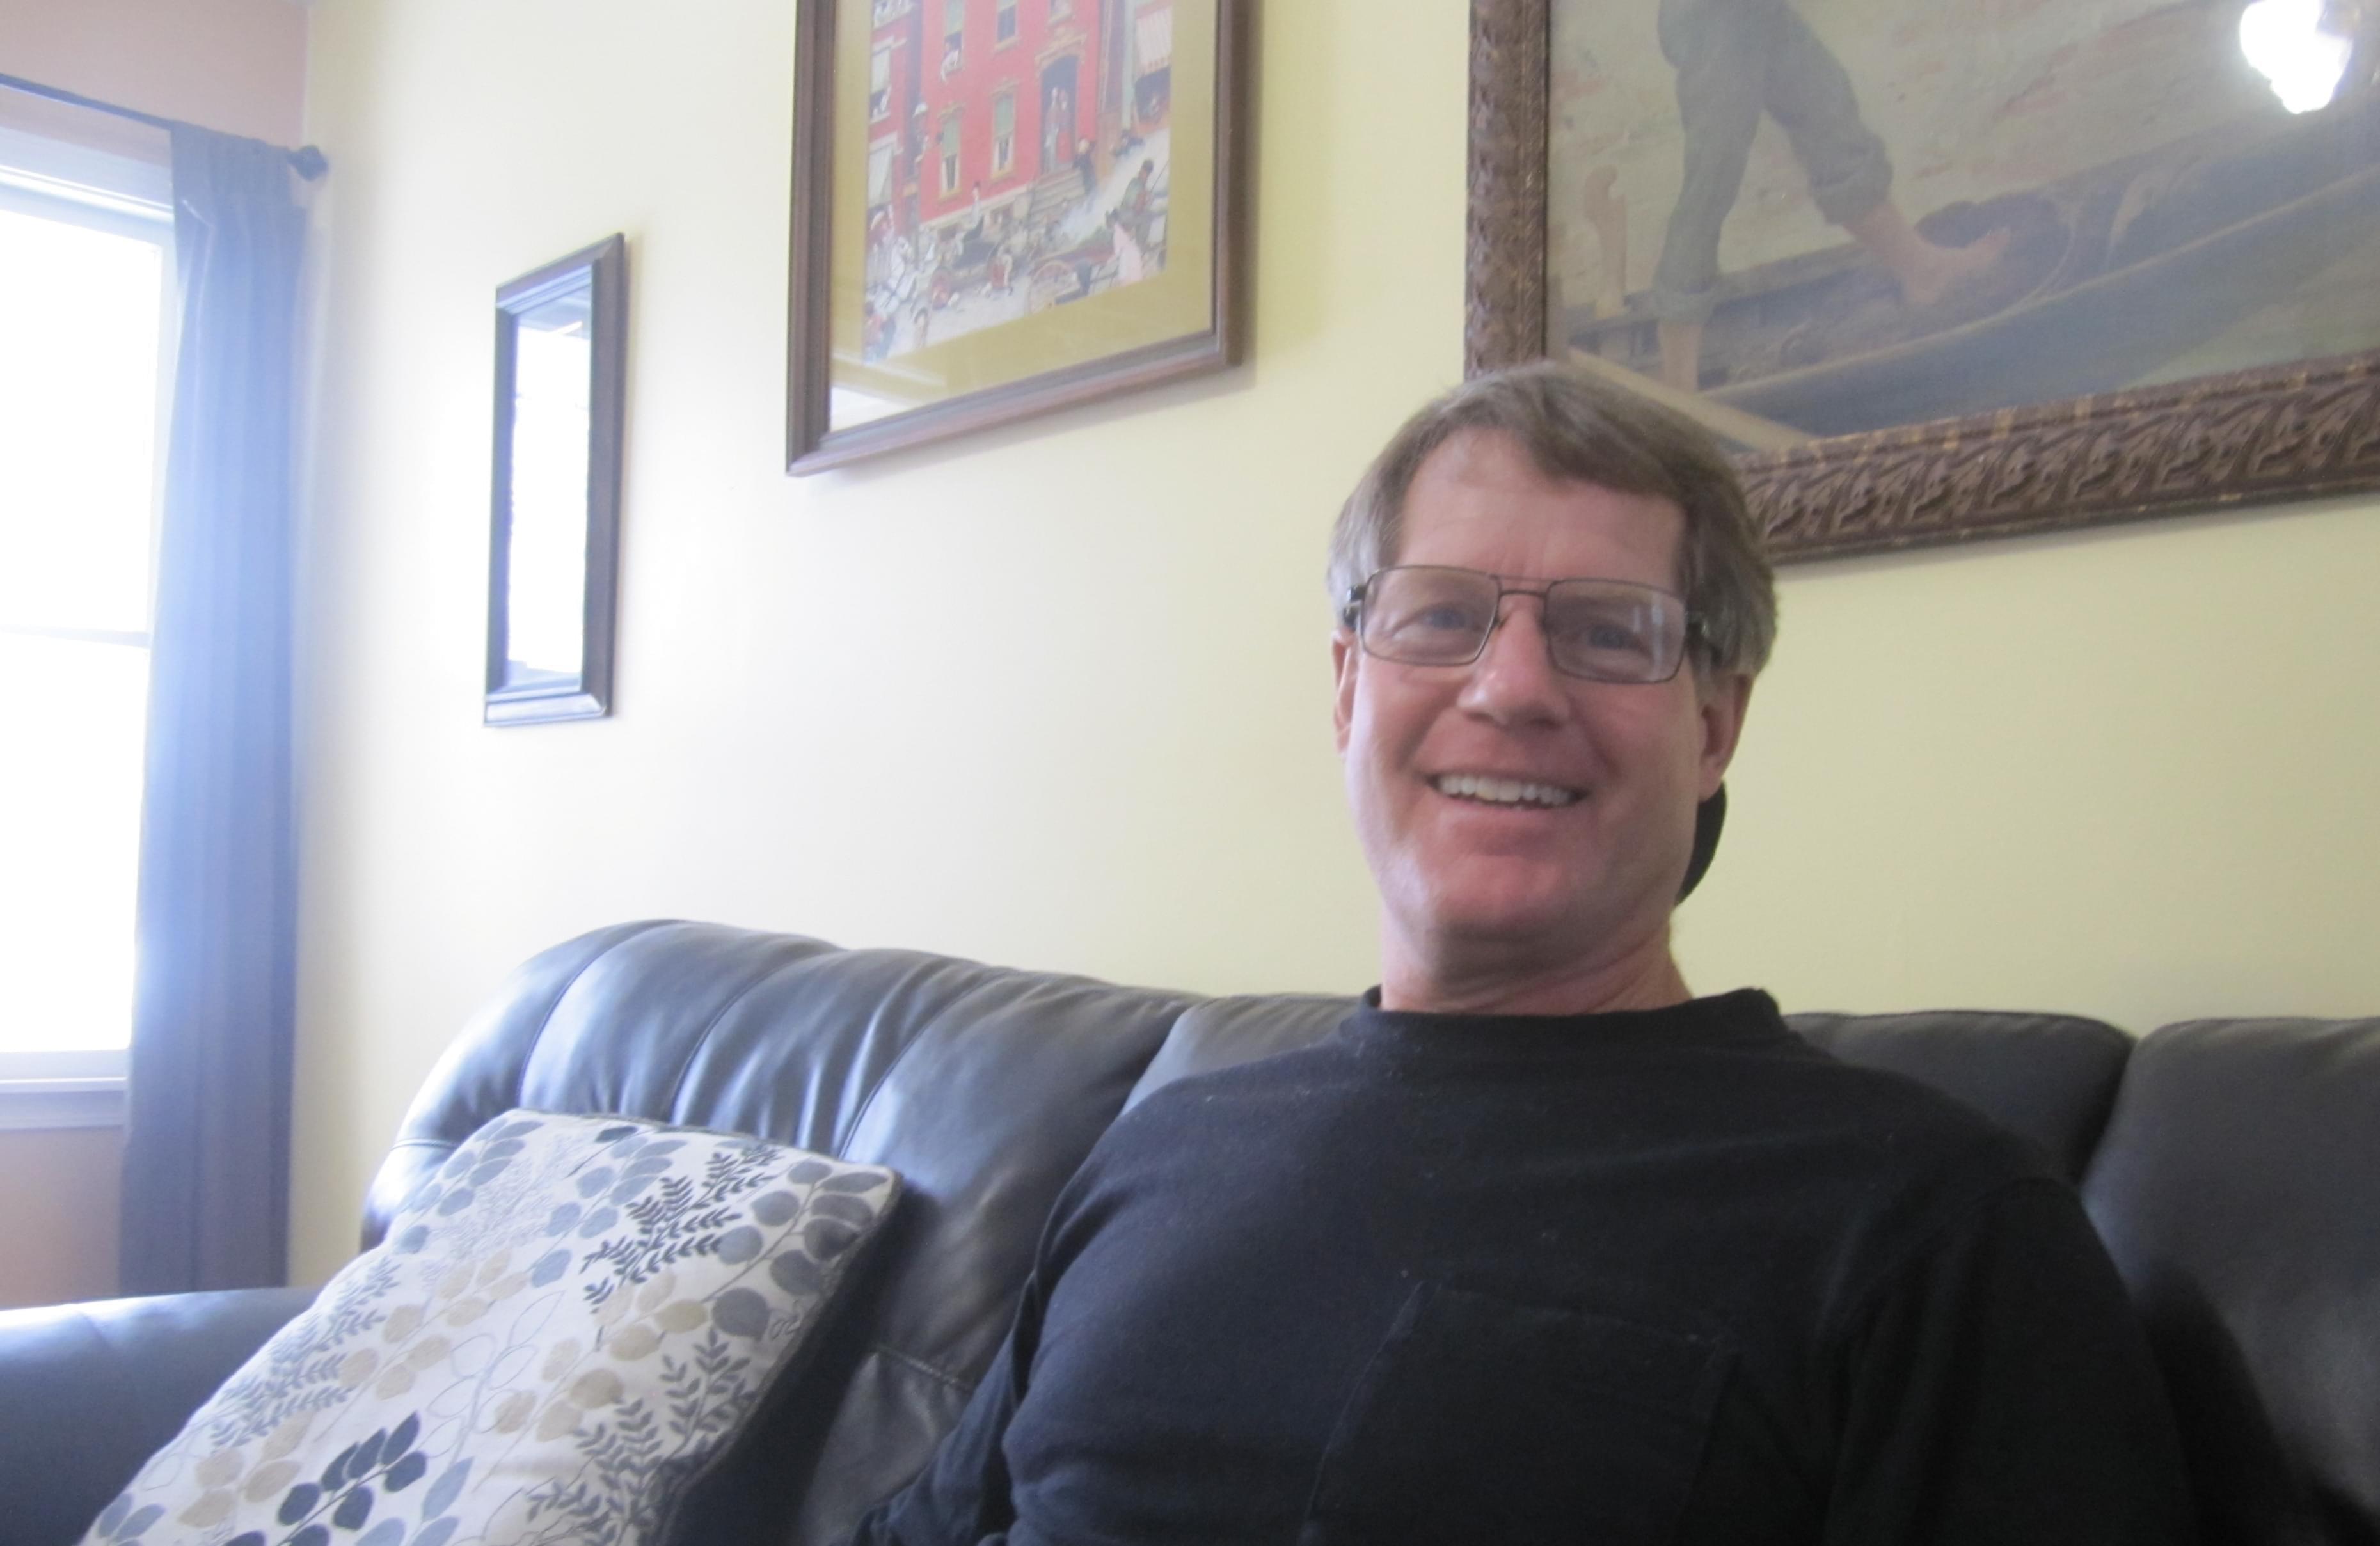 Illinois House candidate Jonathan Kaye